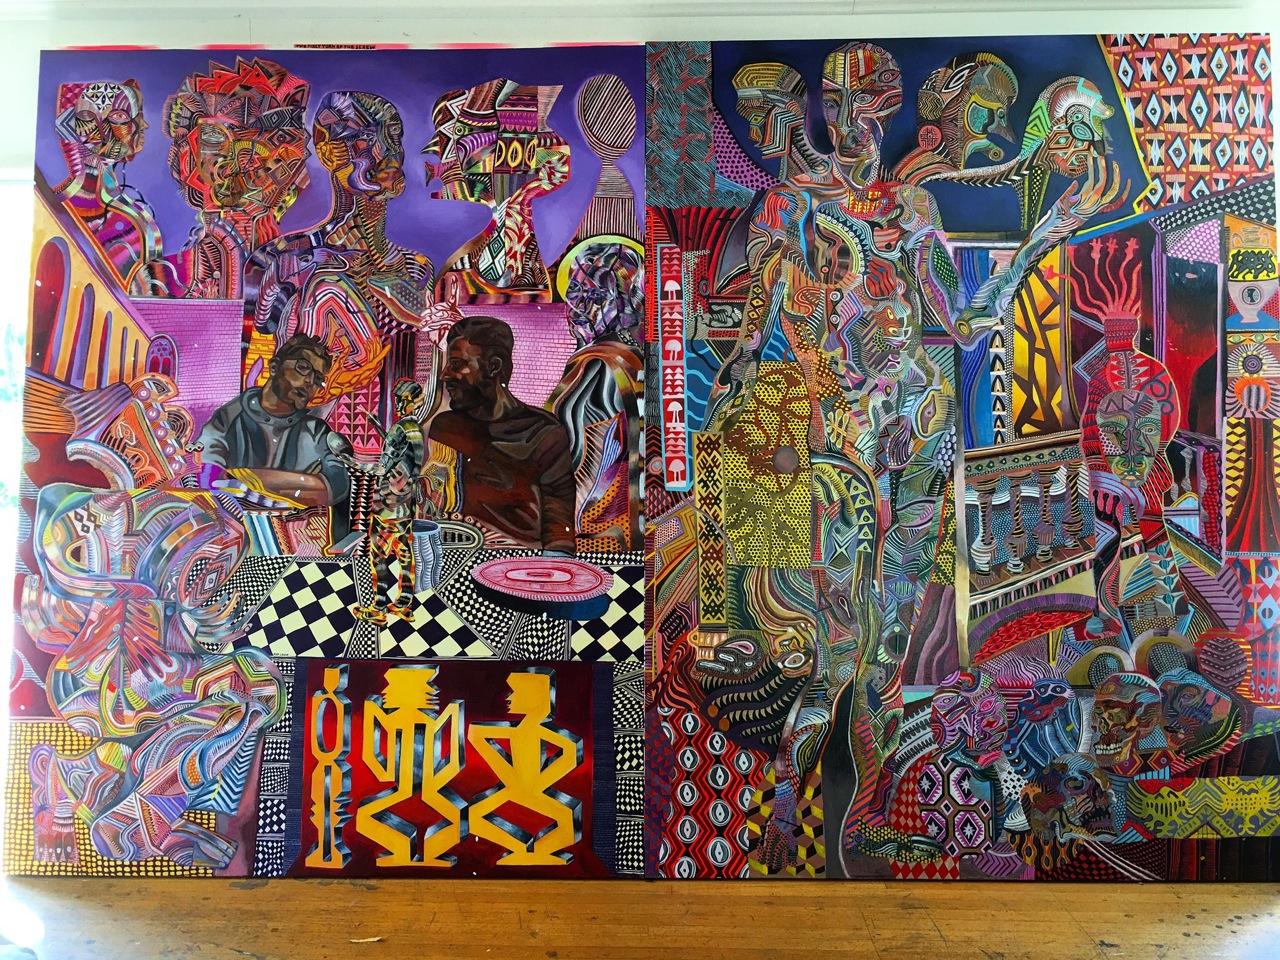 Murals by Zio Ziegler